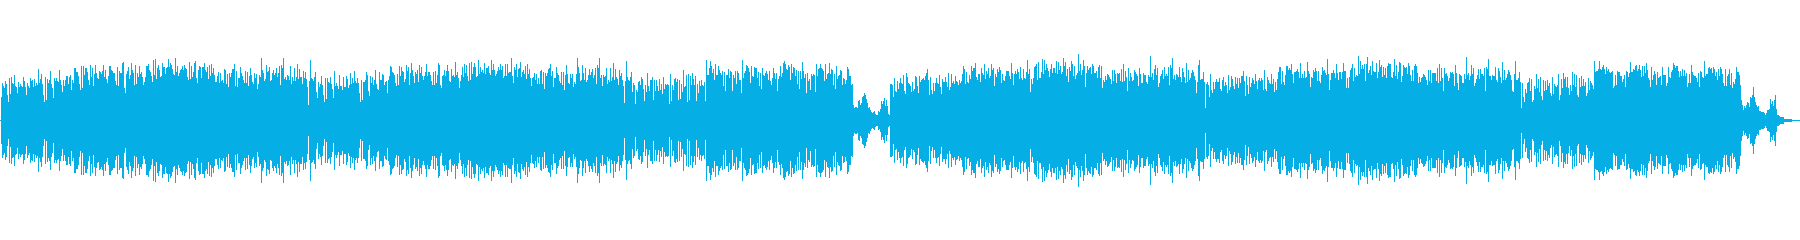 軽快で爽快感のあるオーケストラの再生済みの波形